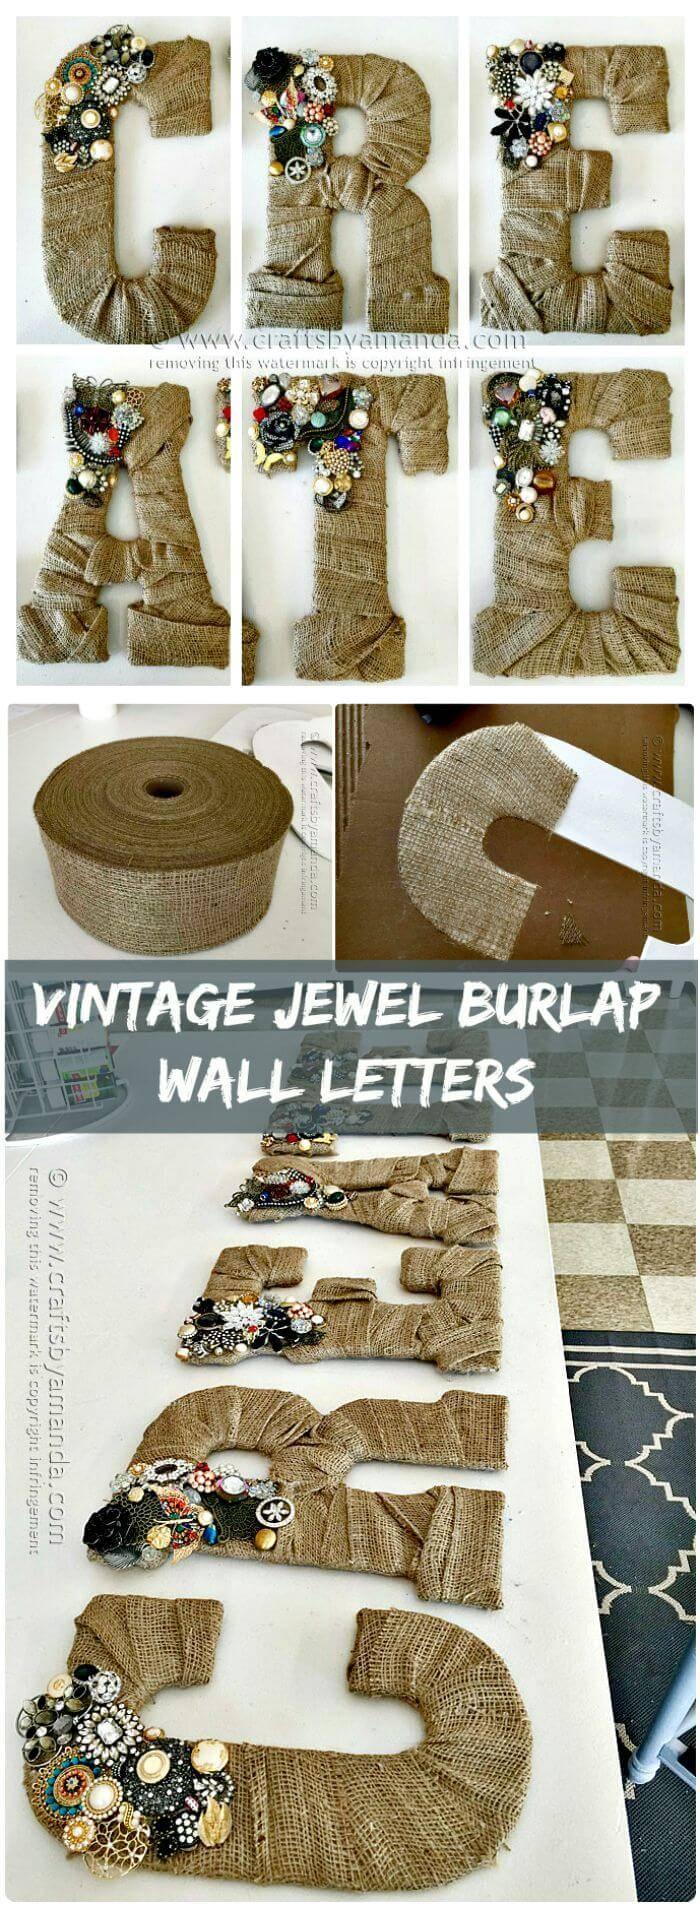 Vintage Jewel Burlap Wall Letters